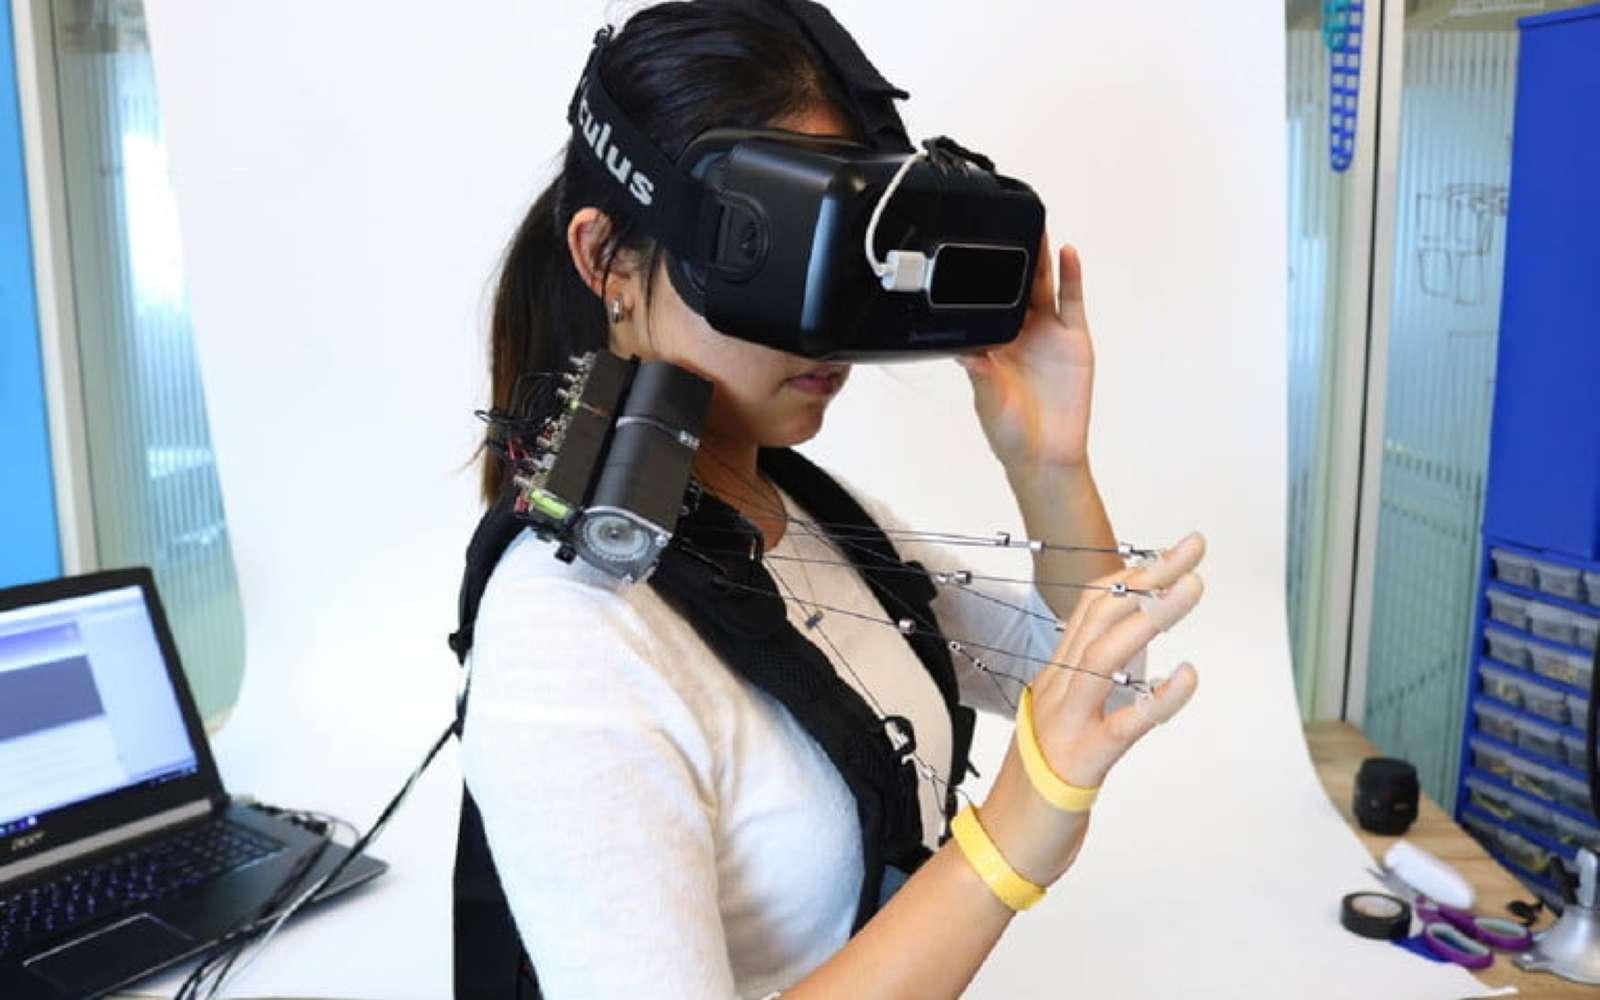 Astucieux et économe, le système de VR dédié au touché mis au point par les chercheurs de l'Université de Carnegie Mellon fait penser à l'univers des marionnettistes. © Université Carnegie Mellon